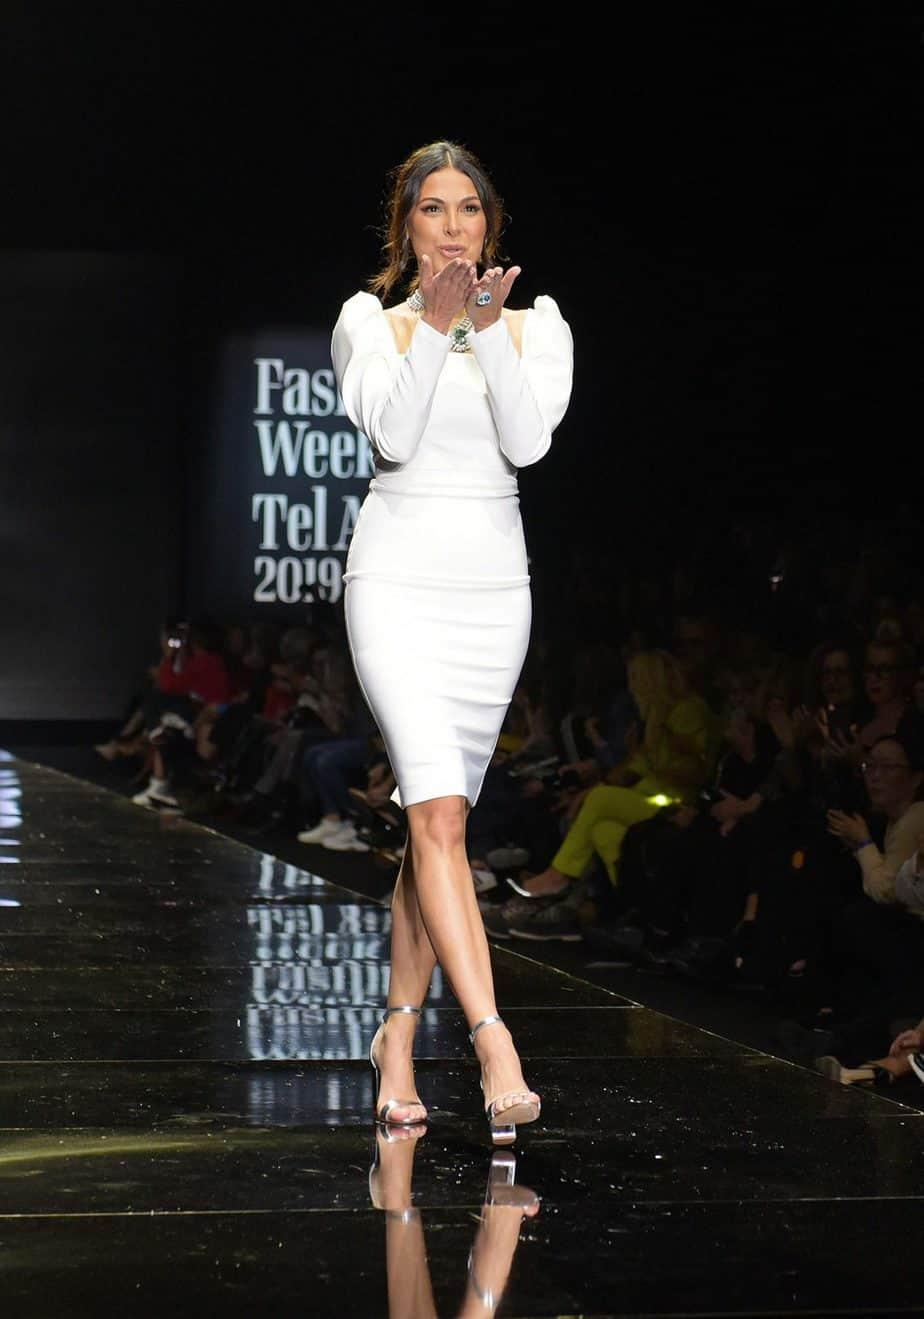 מורן אטיאס, רוח נשית. שבוע האופנה תל אביב 2019. צילום סרג'ו סטרודובצב - 1